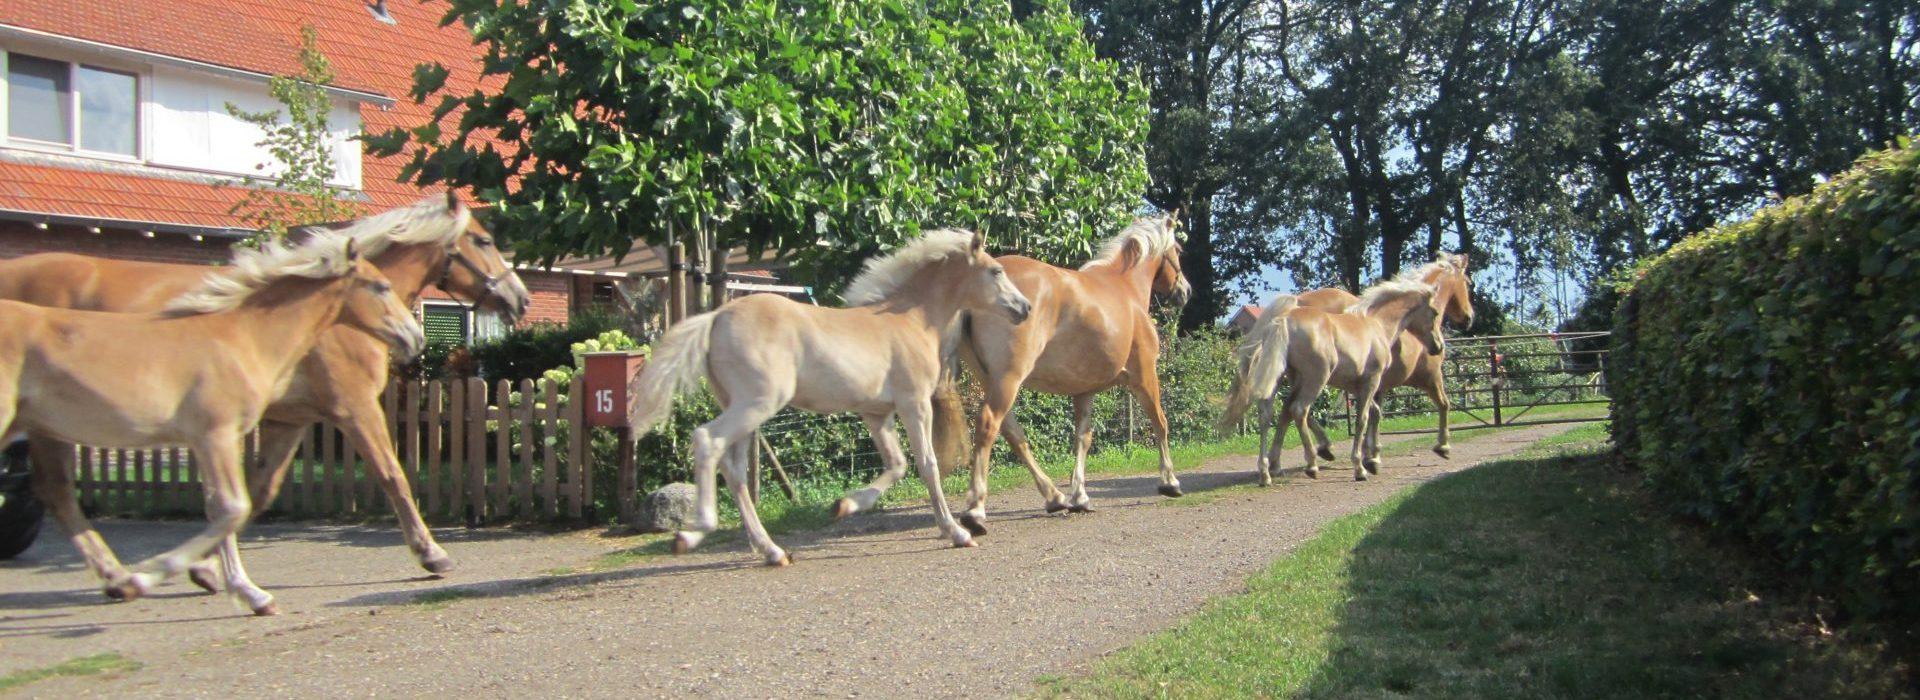 De zuiverende werking van paardenmelk